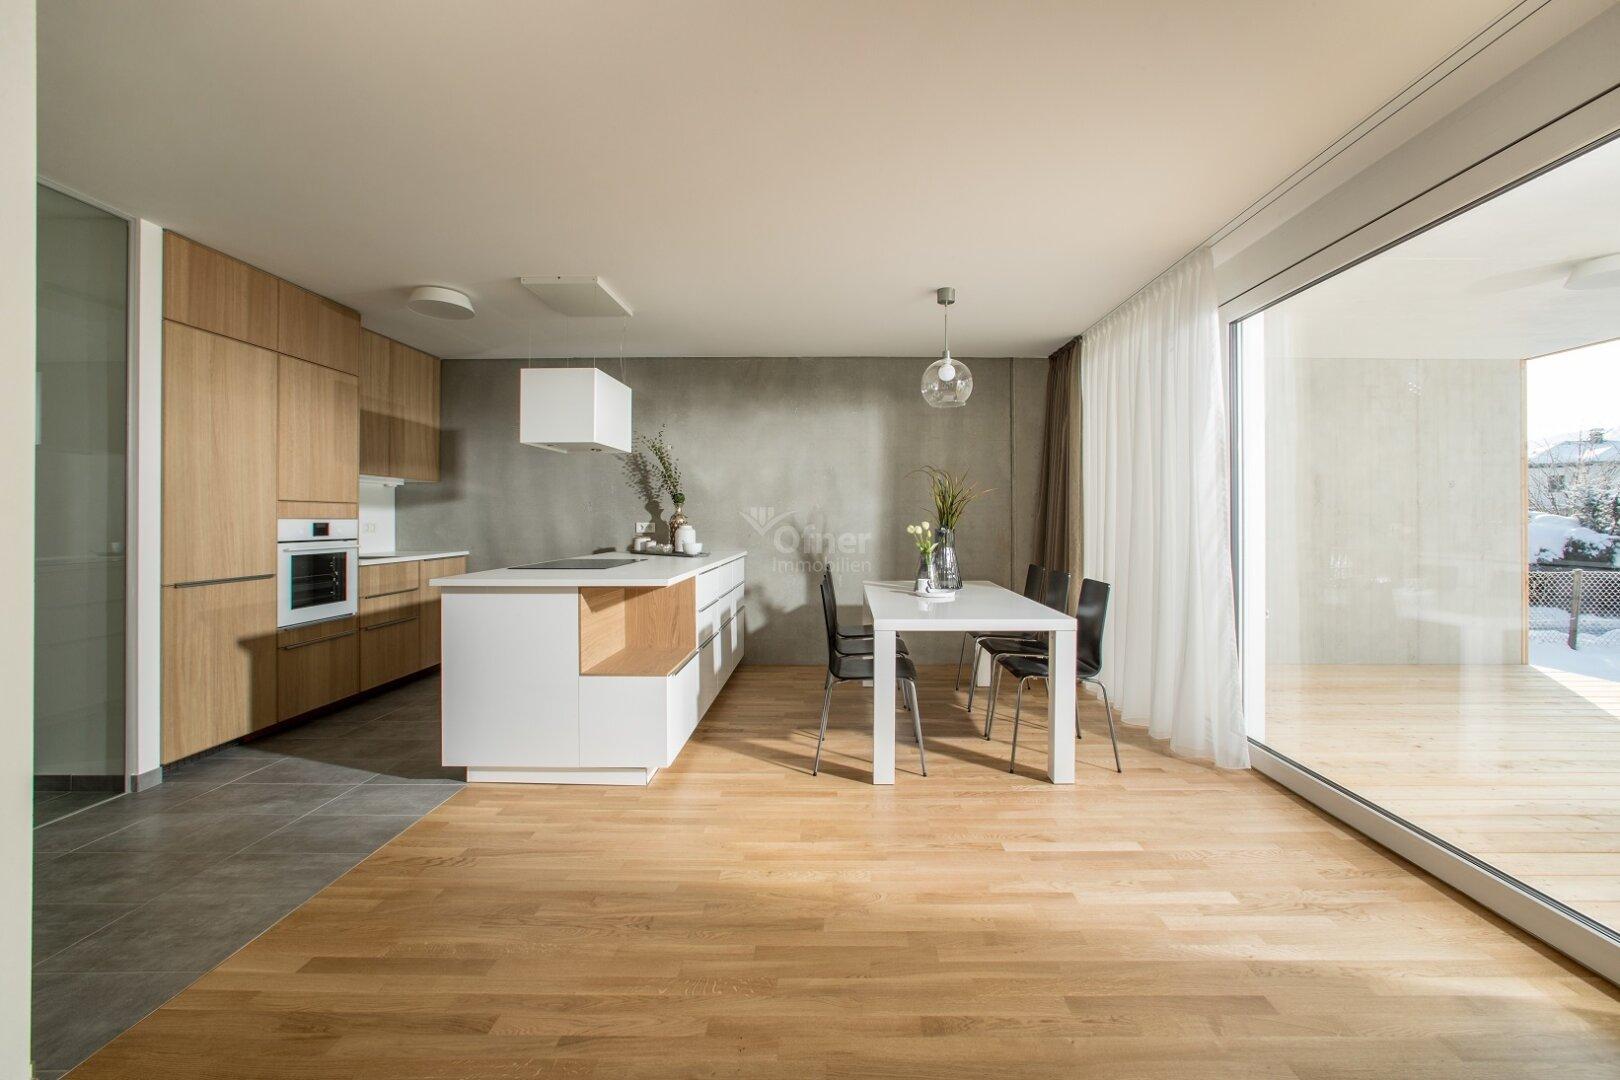 Musterhaus Küche - Essen